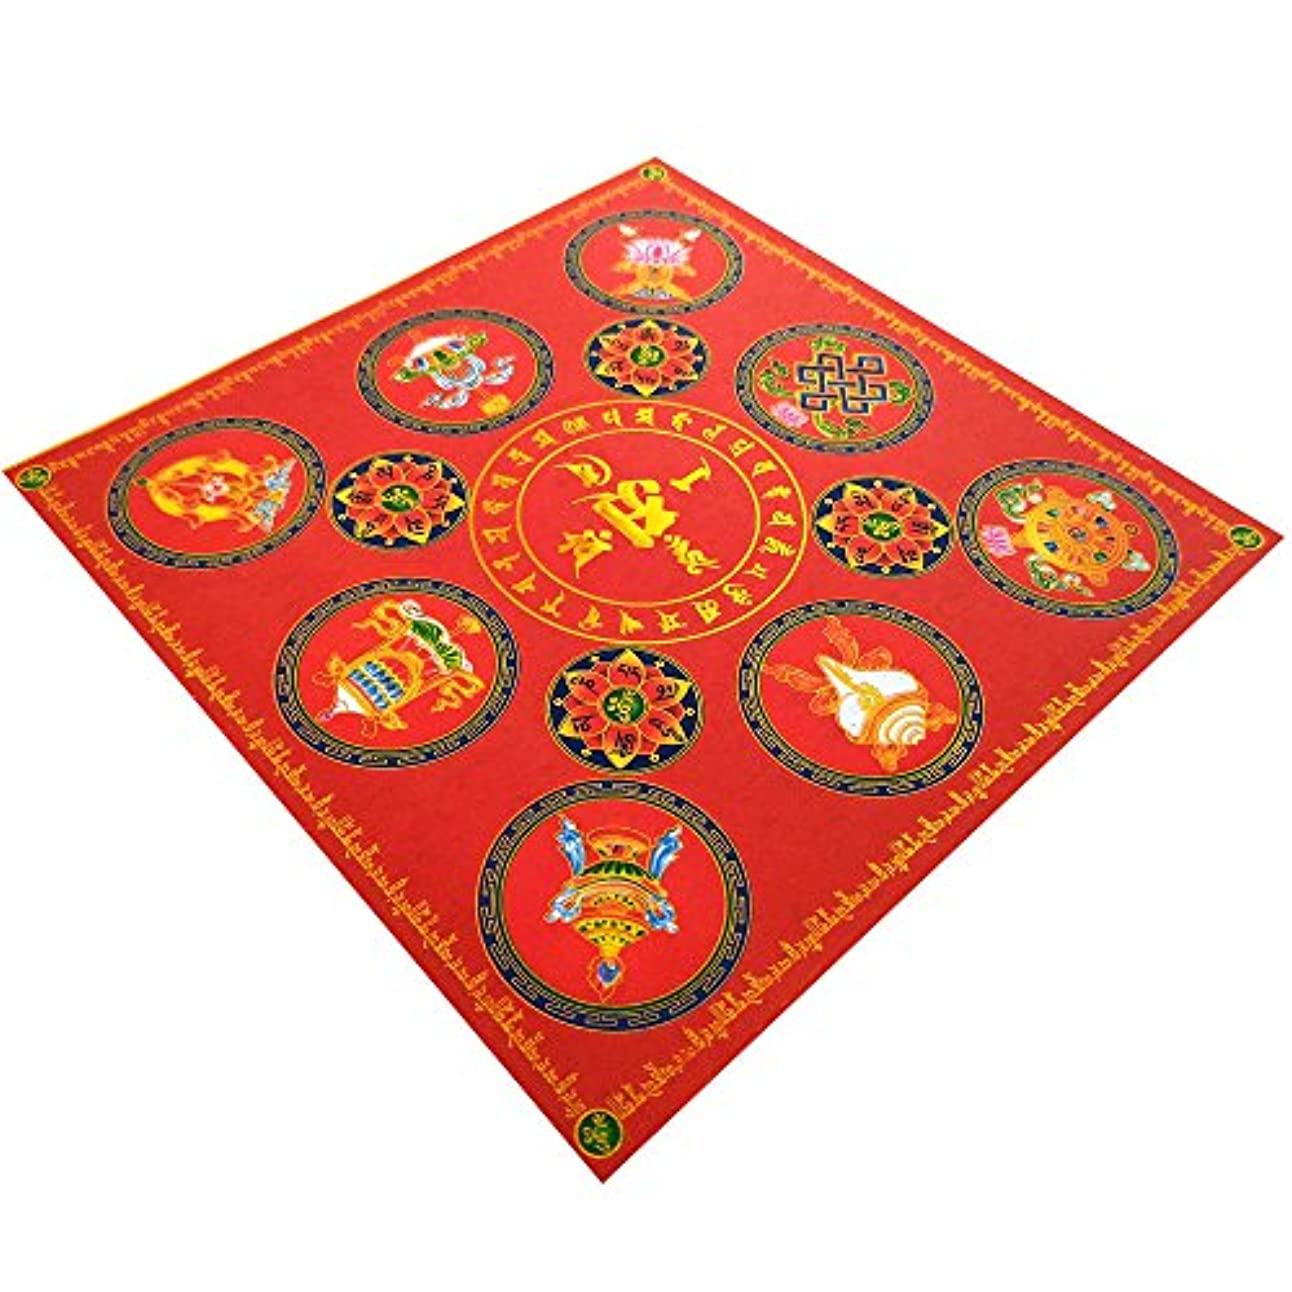 きゅうり泥アスレチックzeestar祖先Incense用紙/ゴーストお金の祖先Praying 7.6インチx 7.6インチ、40個 – 吉祥(Lotus